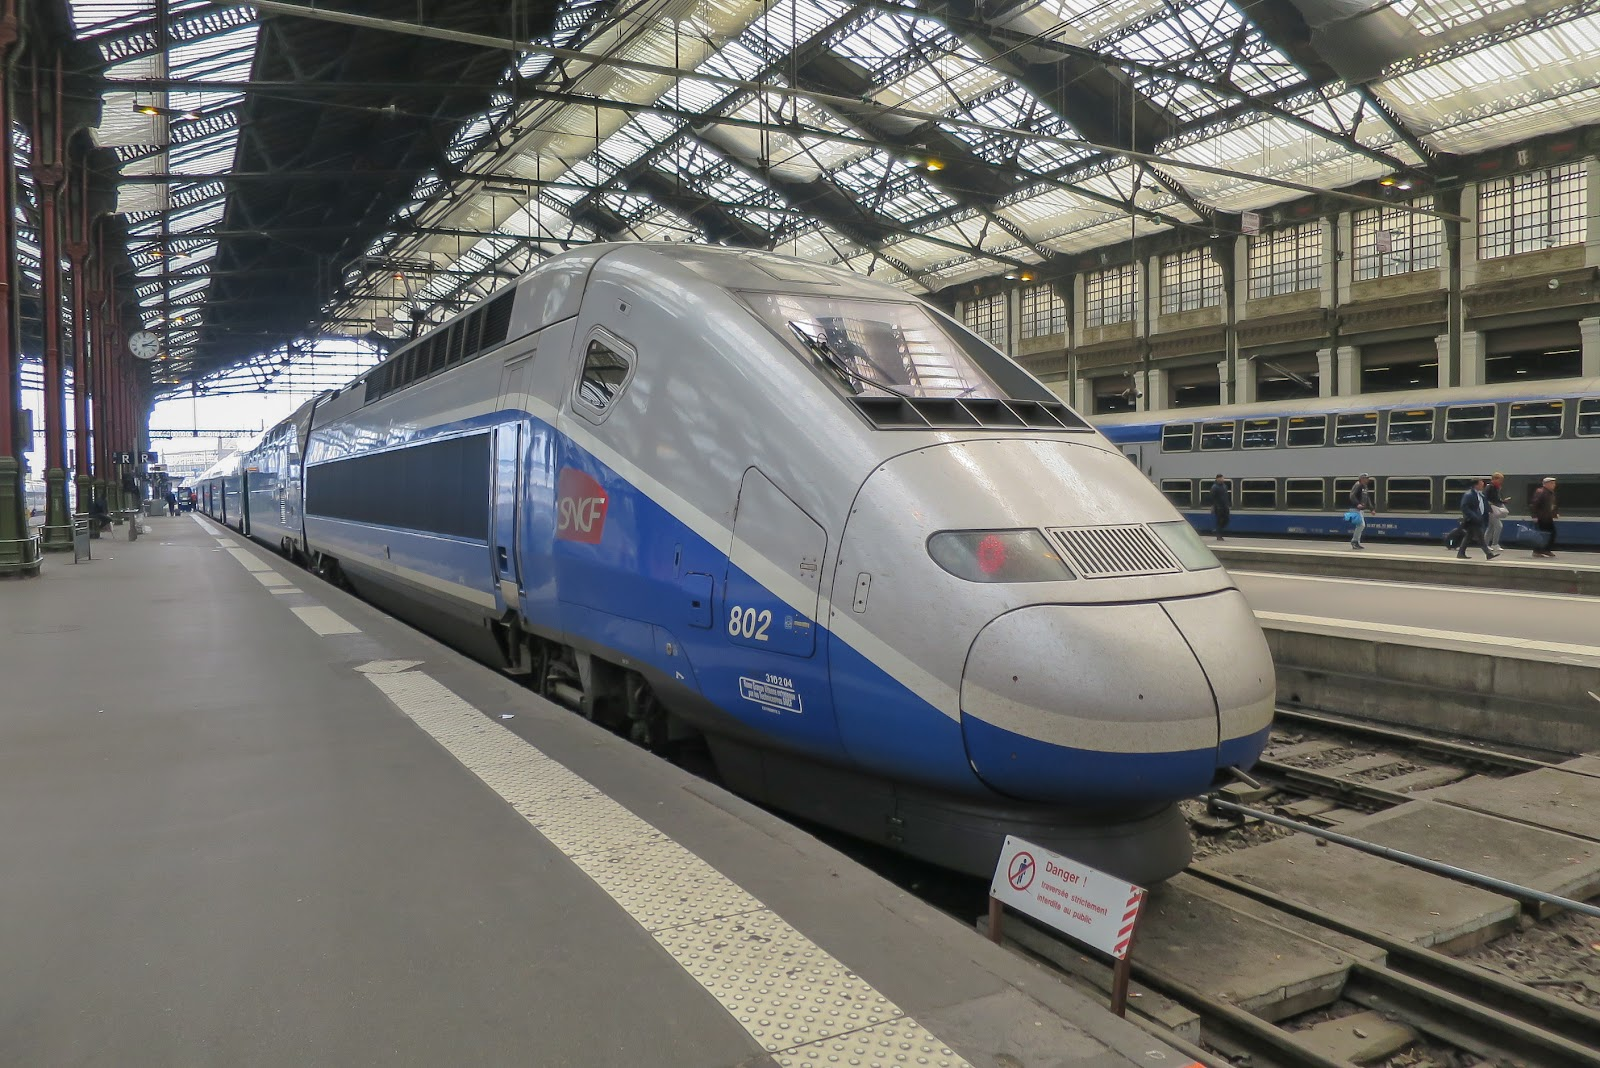 O train à grande vitesse, ou trem de alta velocidade (TGV), é o terceiro trem mais rápido do mundo. (Fonte: Wikimedia Commons)